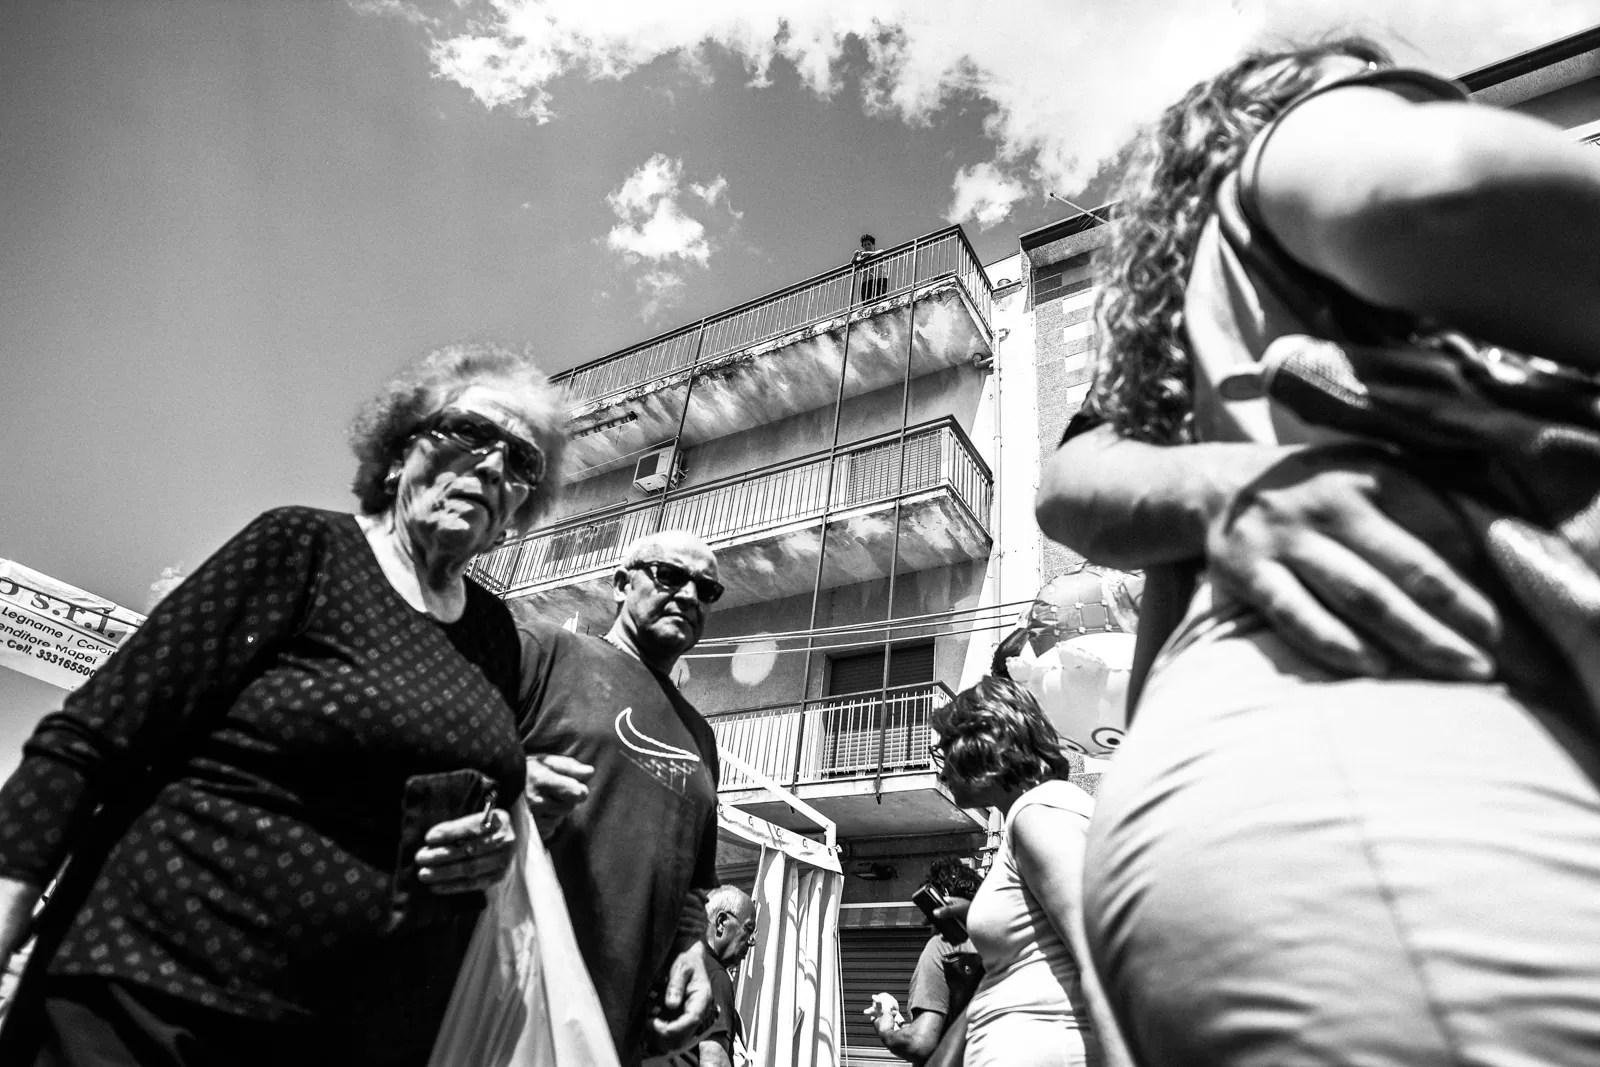 DSCF0726 - Un Giorno di festa - Sagra a Maletto [Street Photography] - fotostreet.it